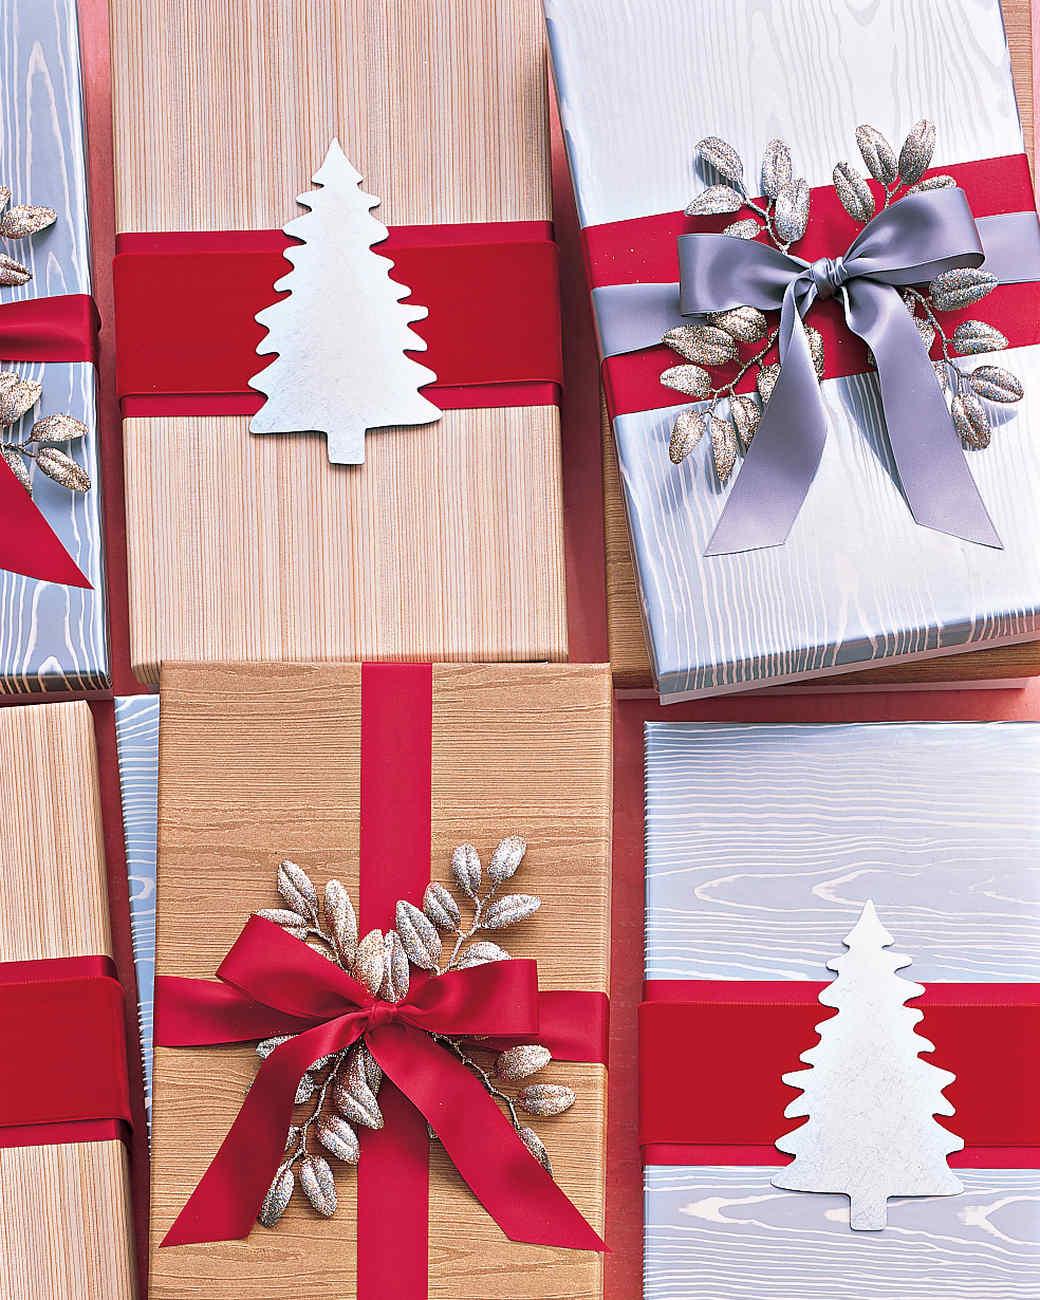 Оформление подарков на новый год своими руками фото